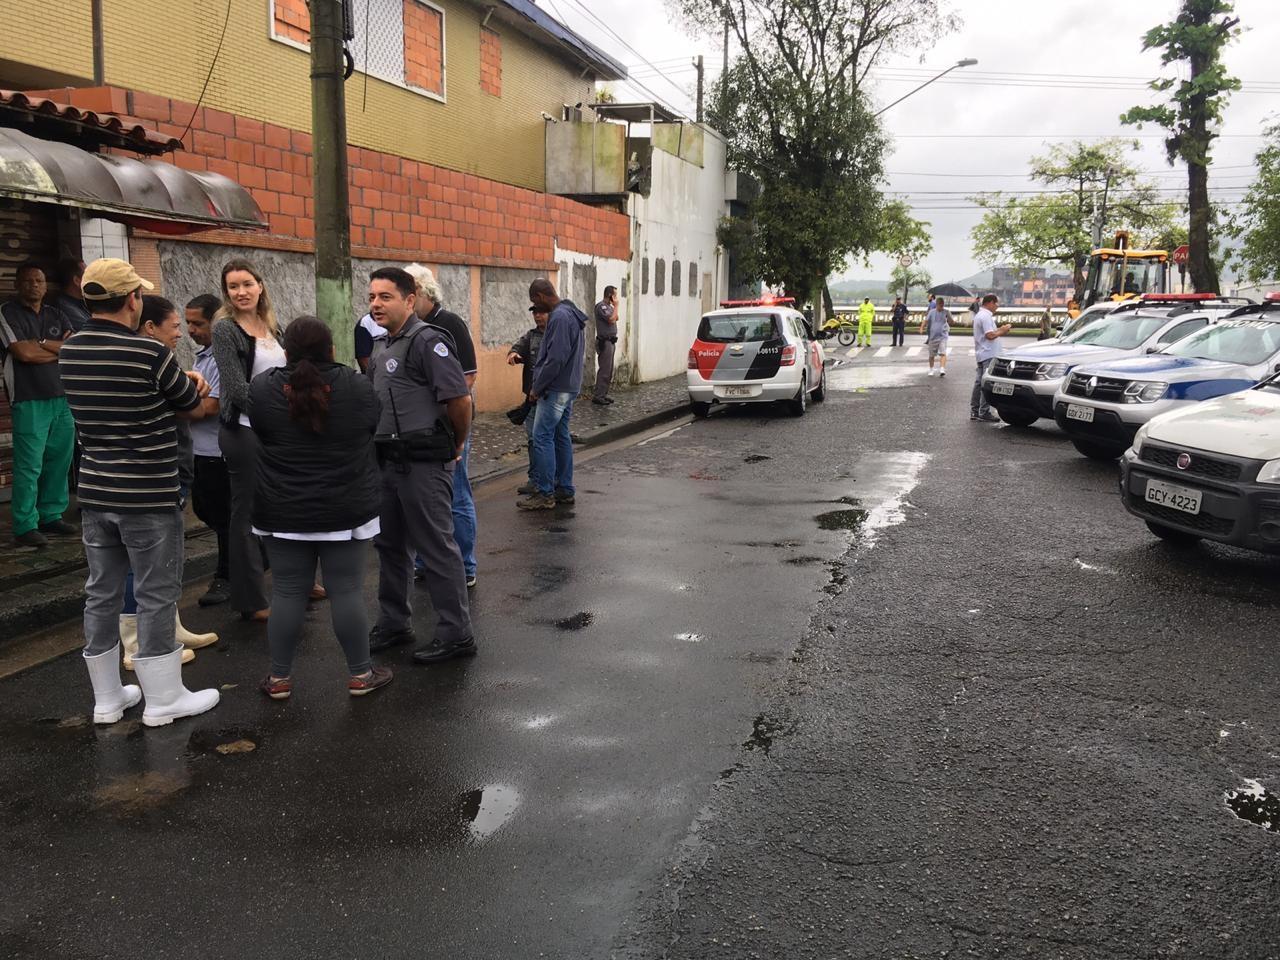 Prefeitura pede suspensão da retirada de barracas da Rua do Peixe, em Santos, SP - Radio Evangelho Gospel